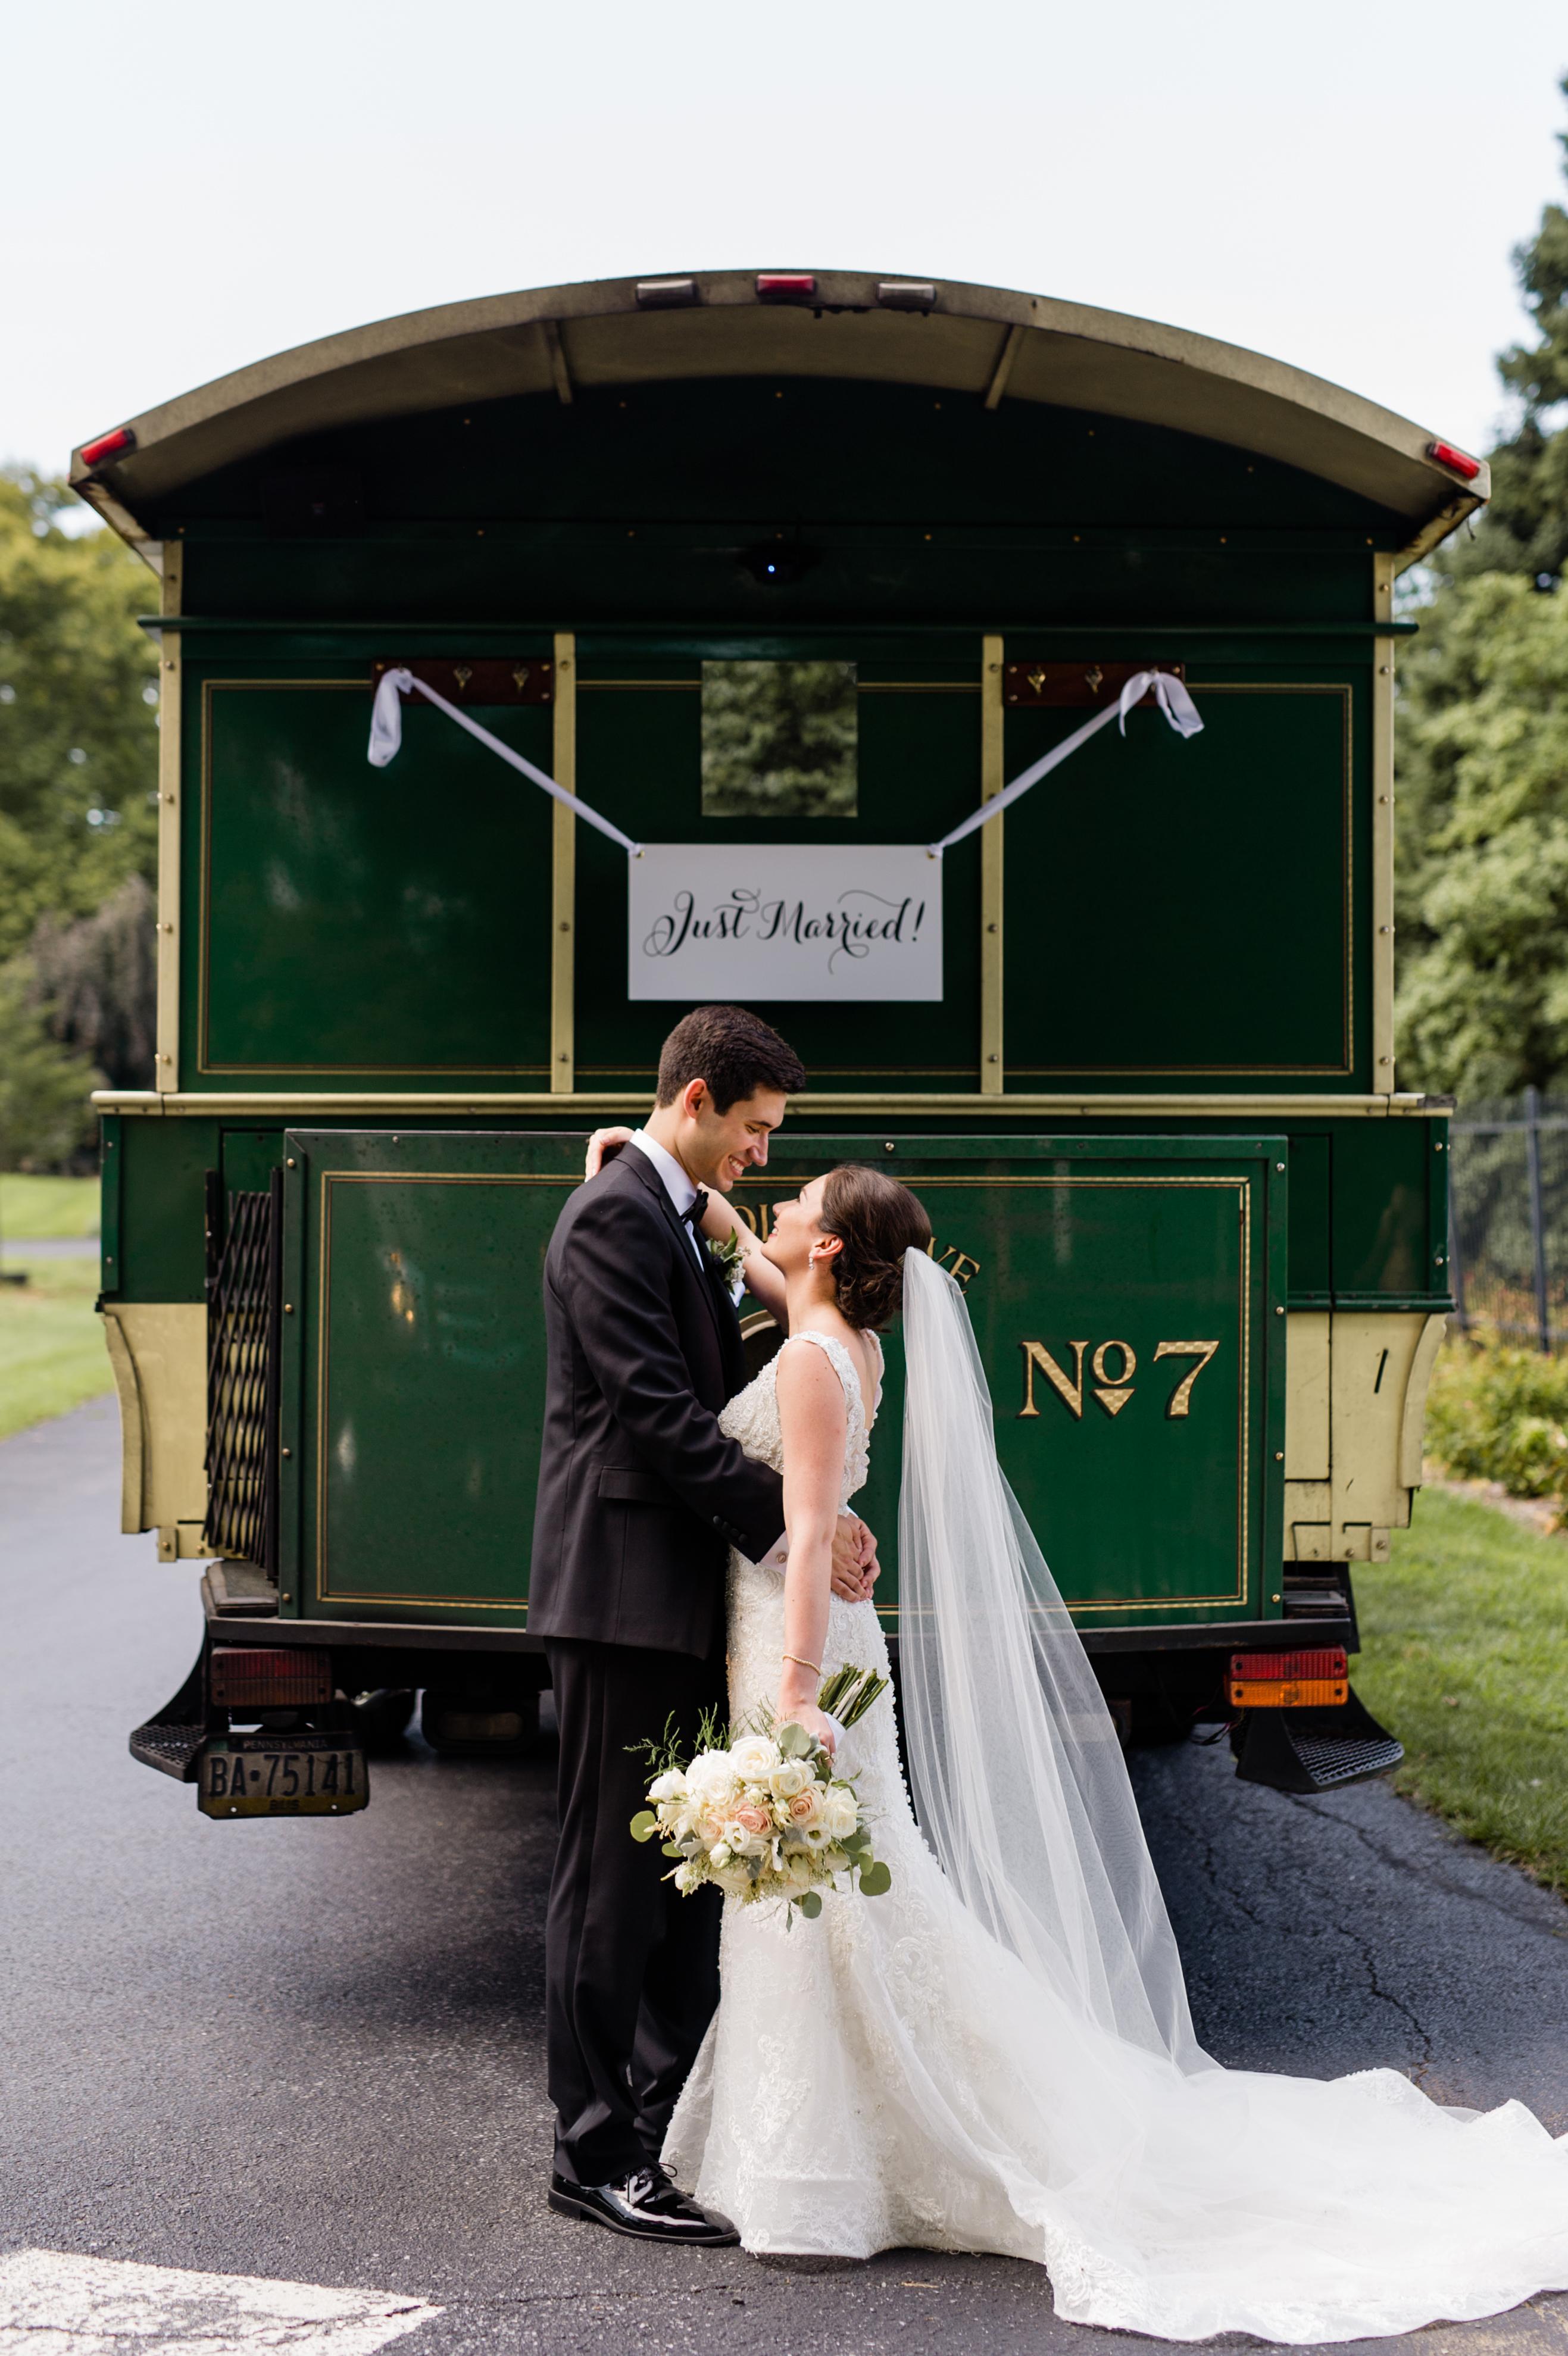 Augliera_Wedding_Vendors_2018_139